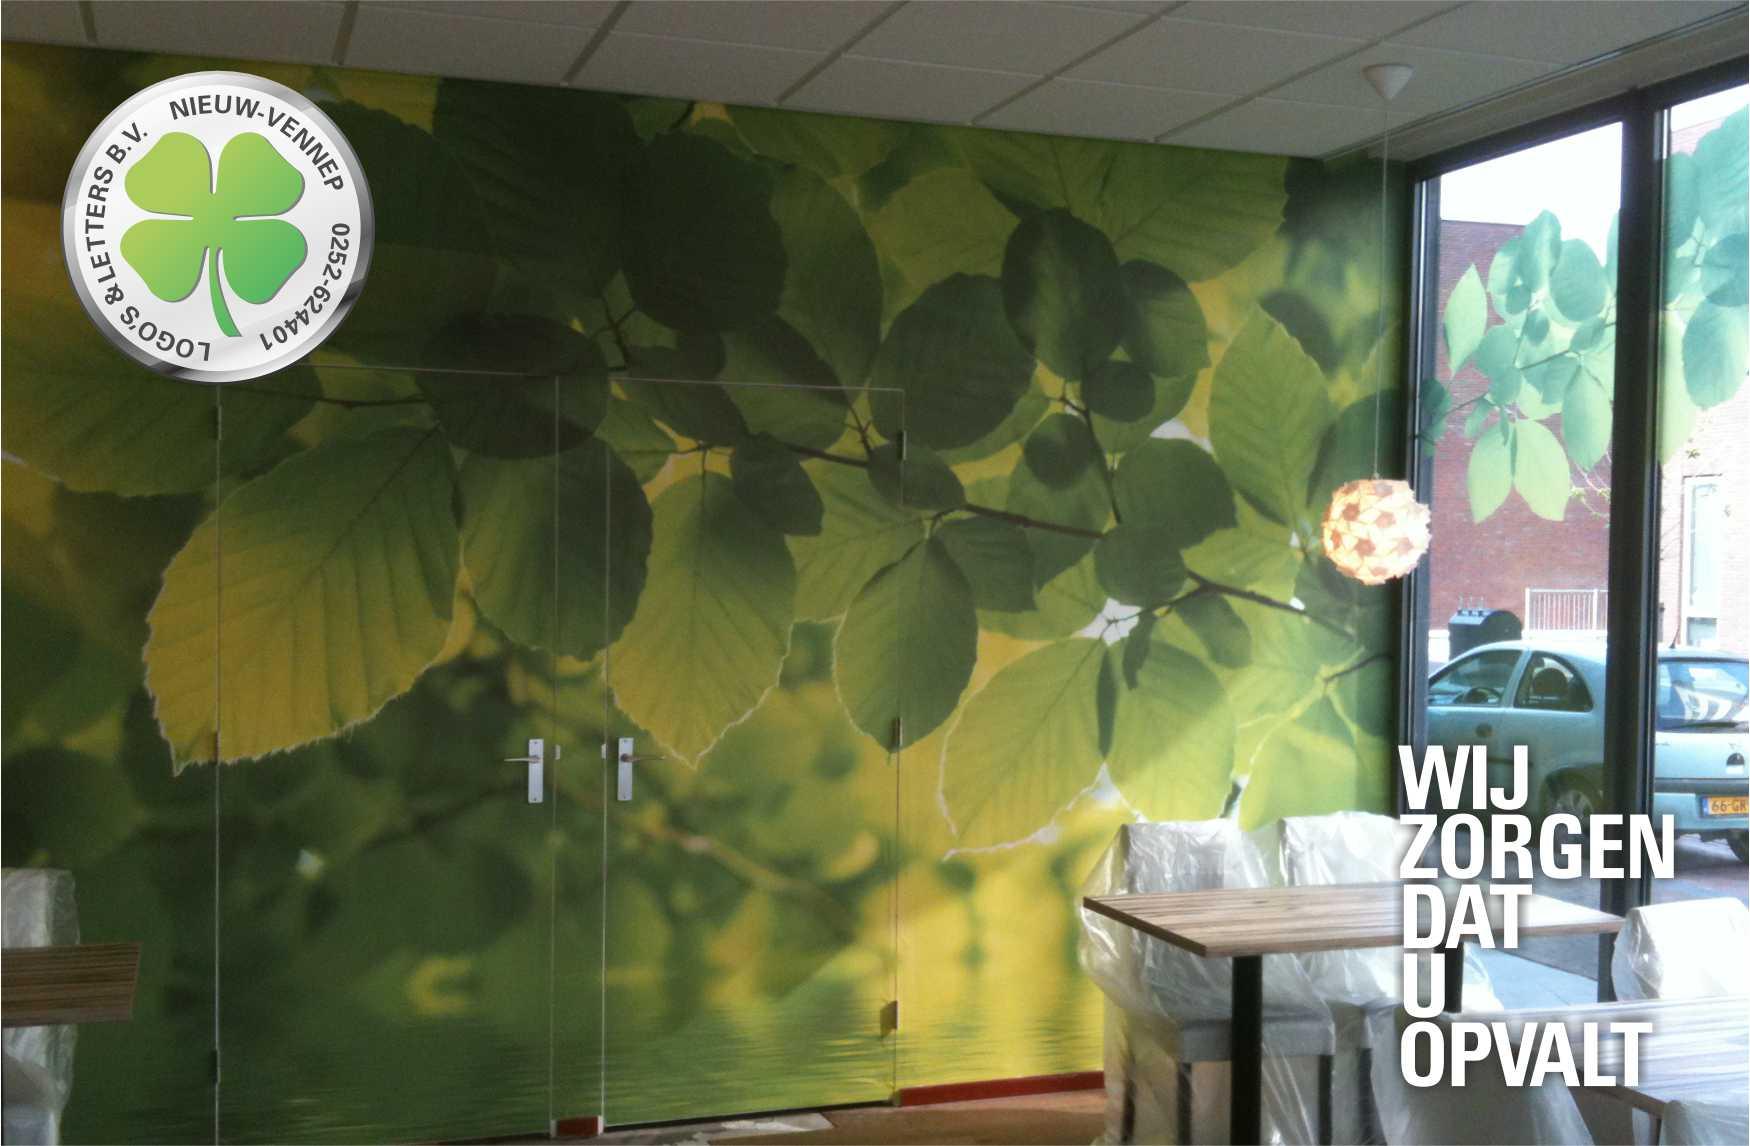 Wand decoratie horeca